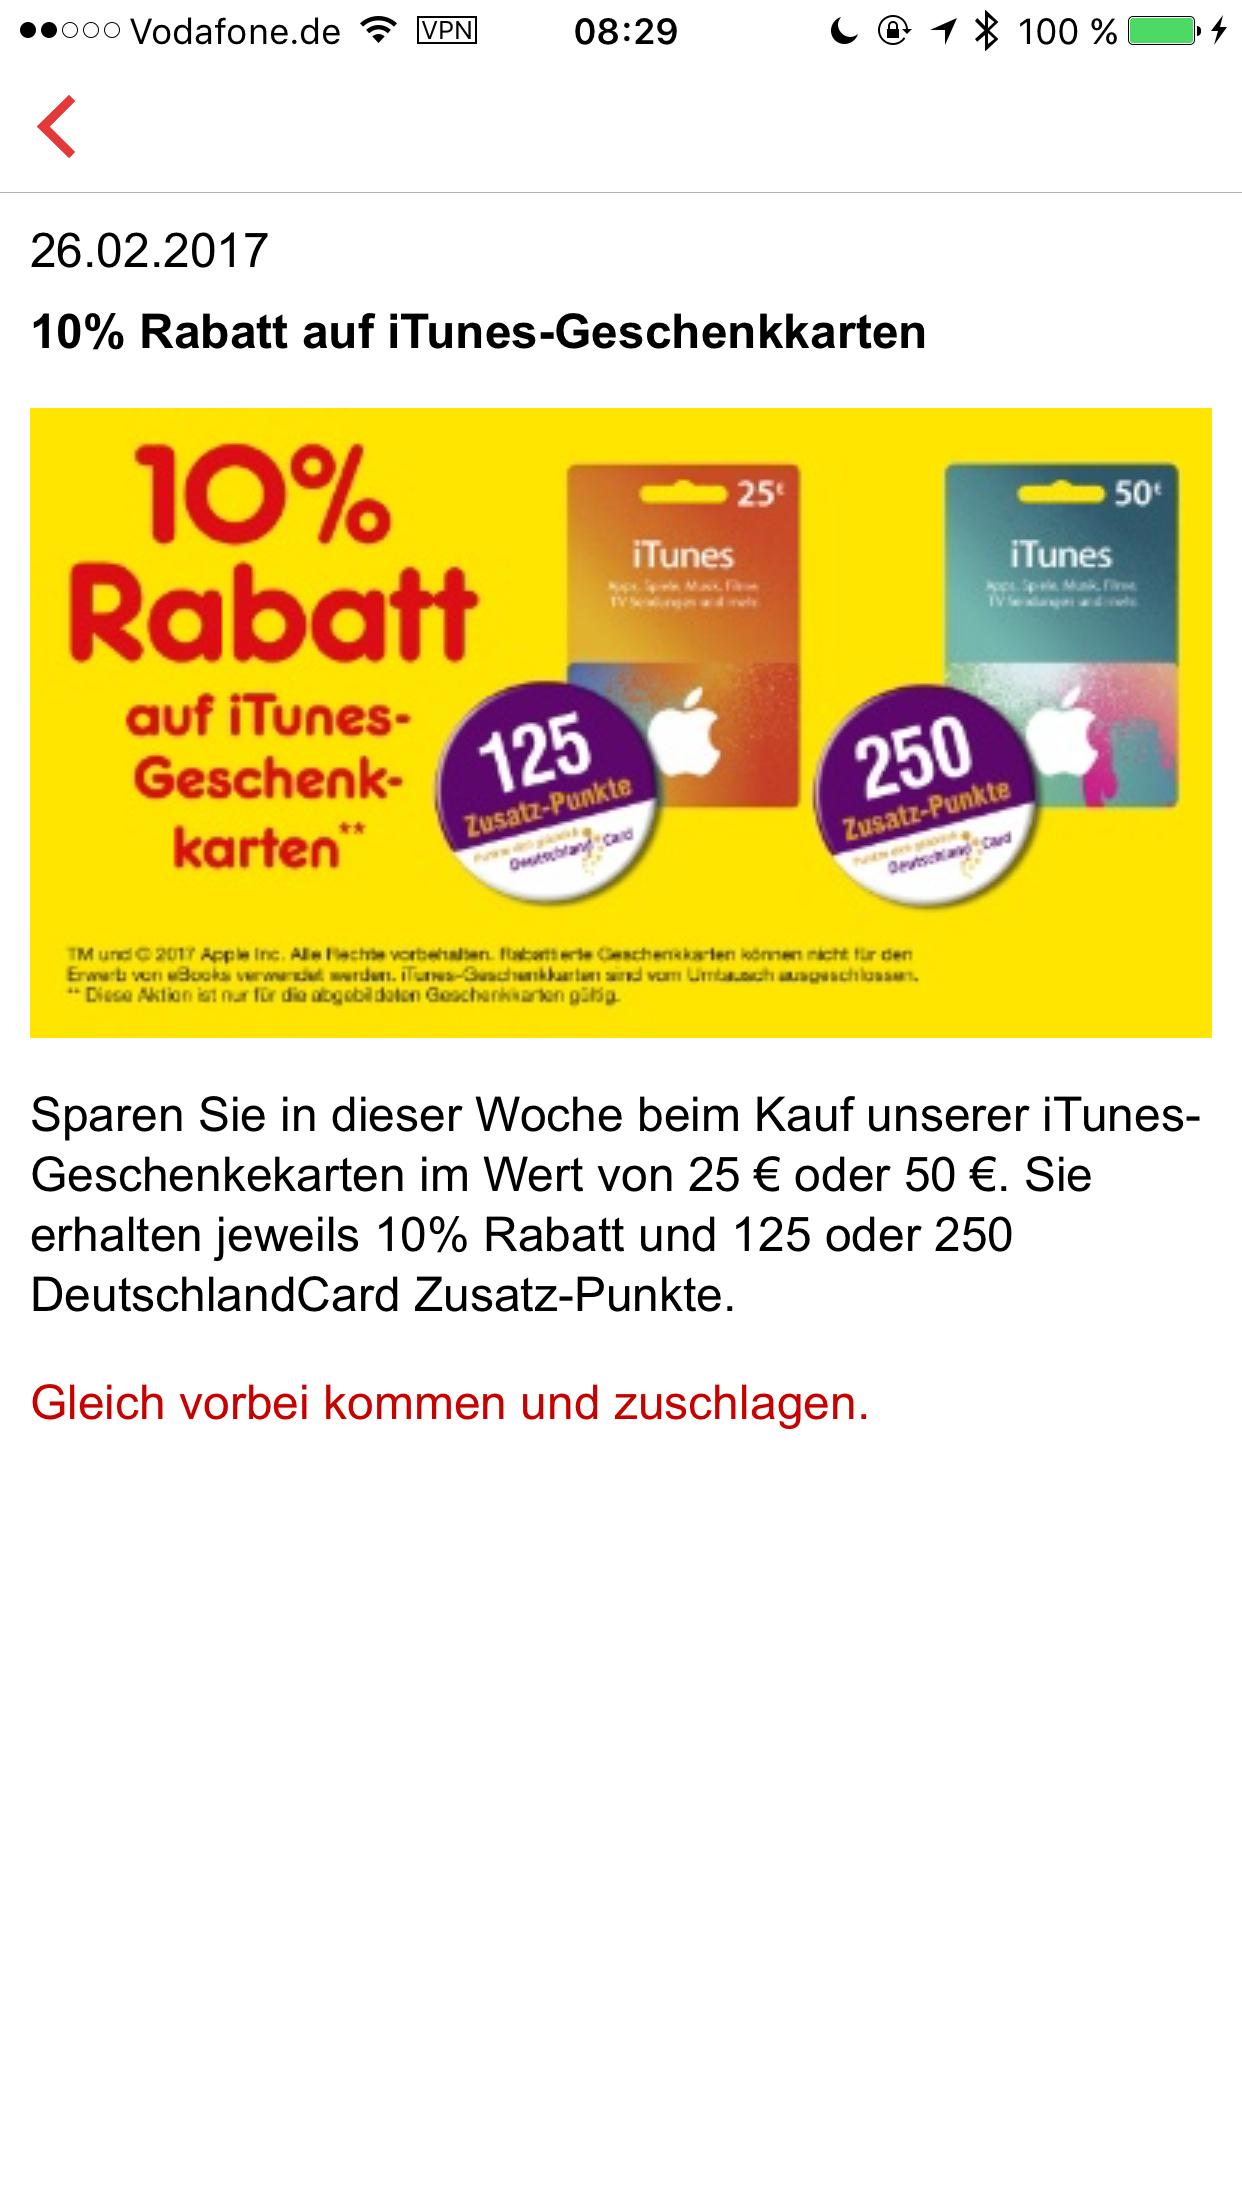 [Katzen Netto] 10% Rabatt auf iTunes 25/50EUR + 125/250 Deutschlandcard Punkte